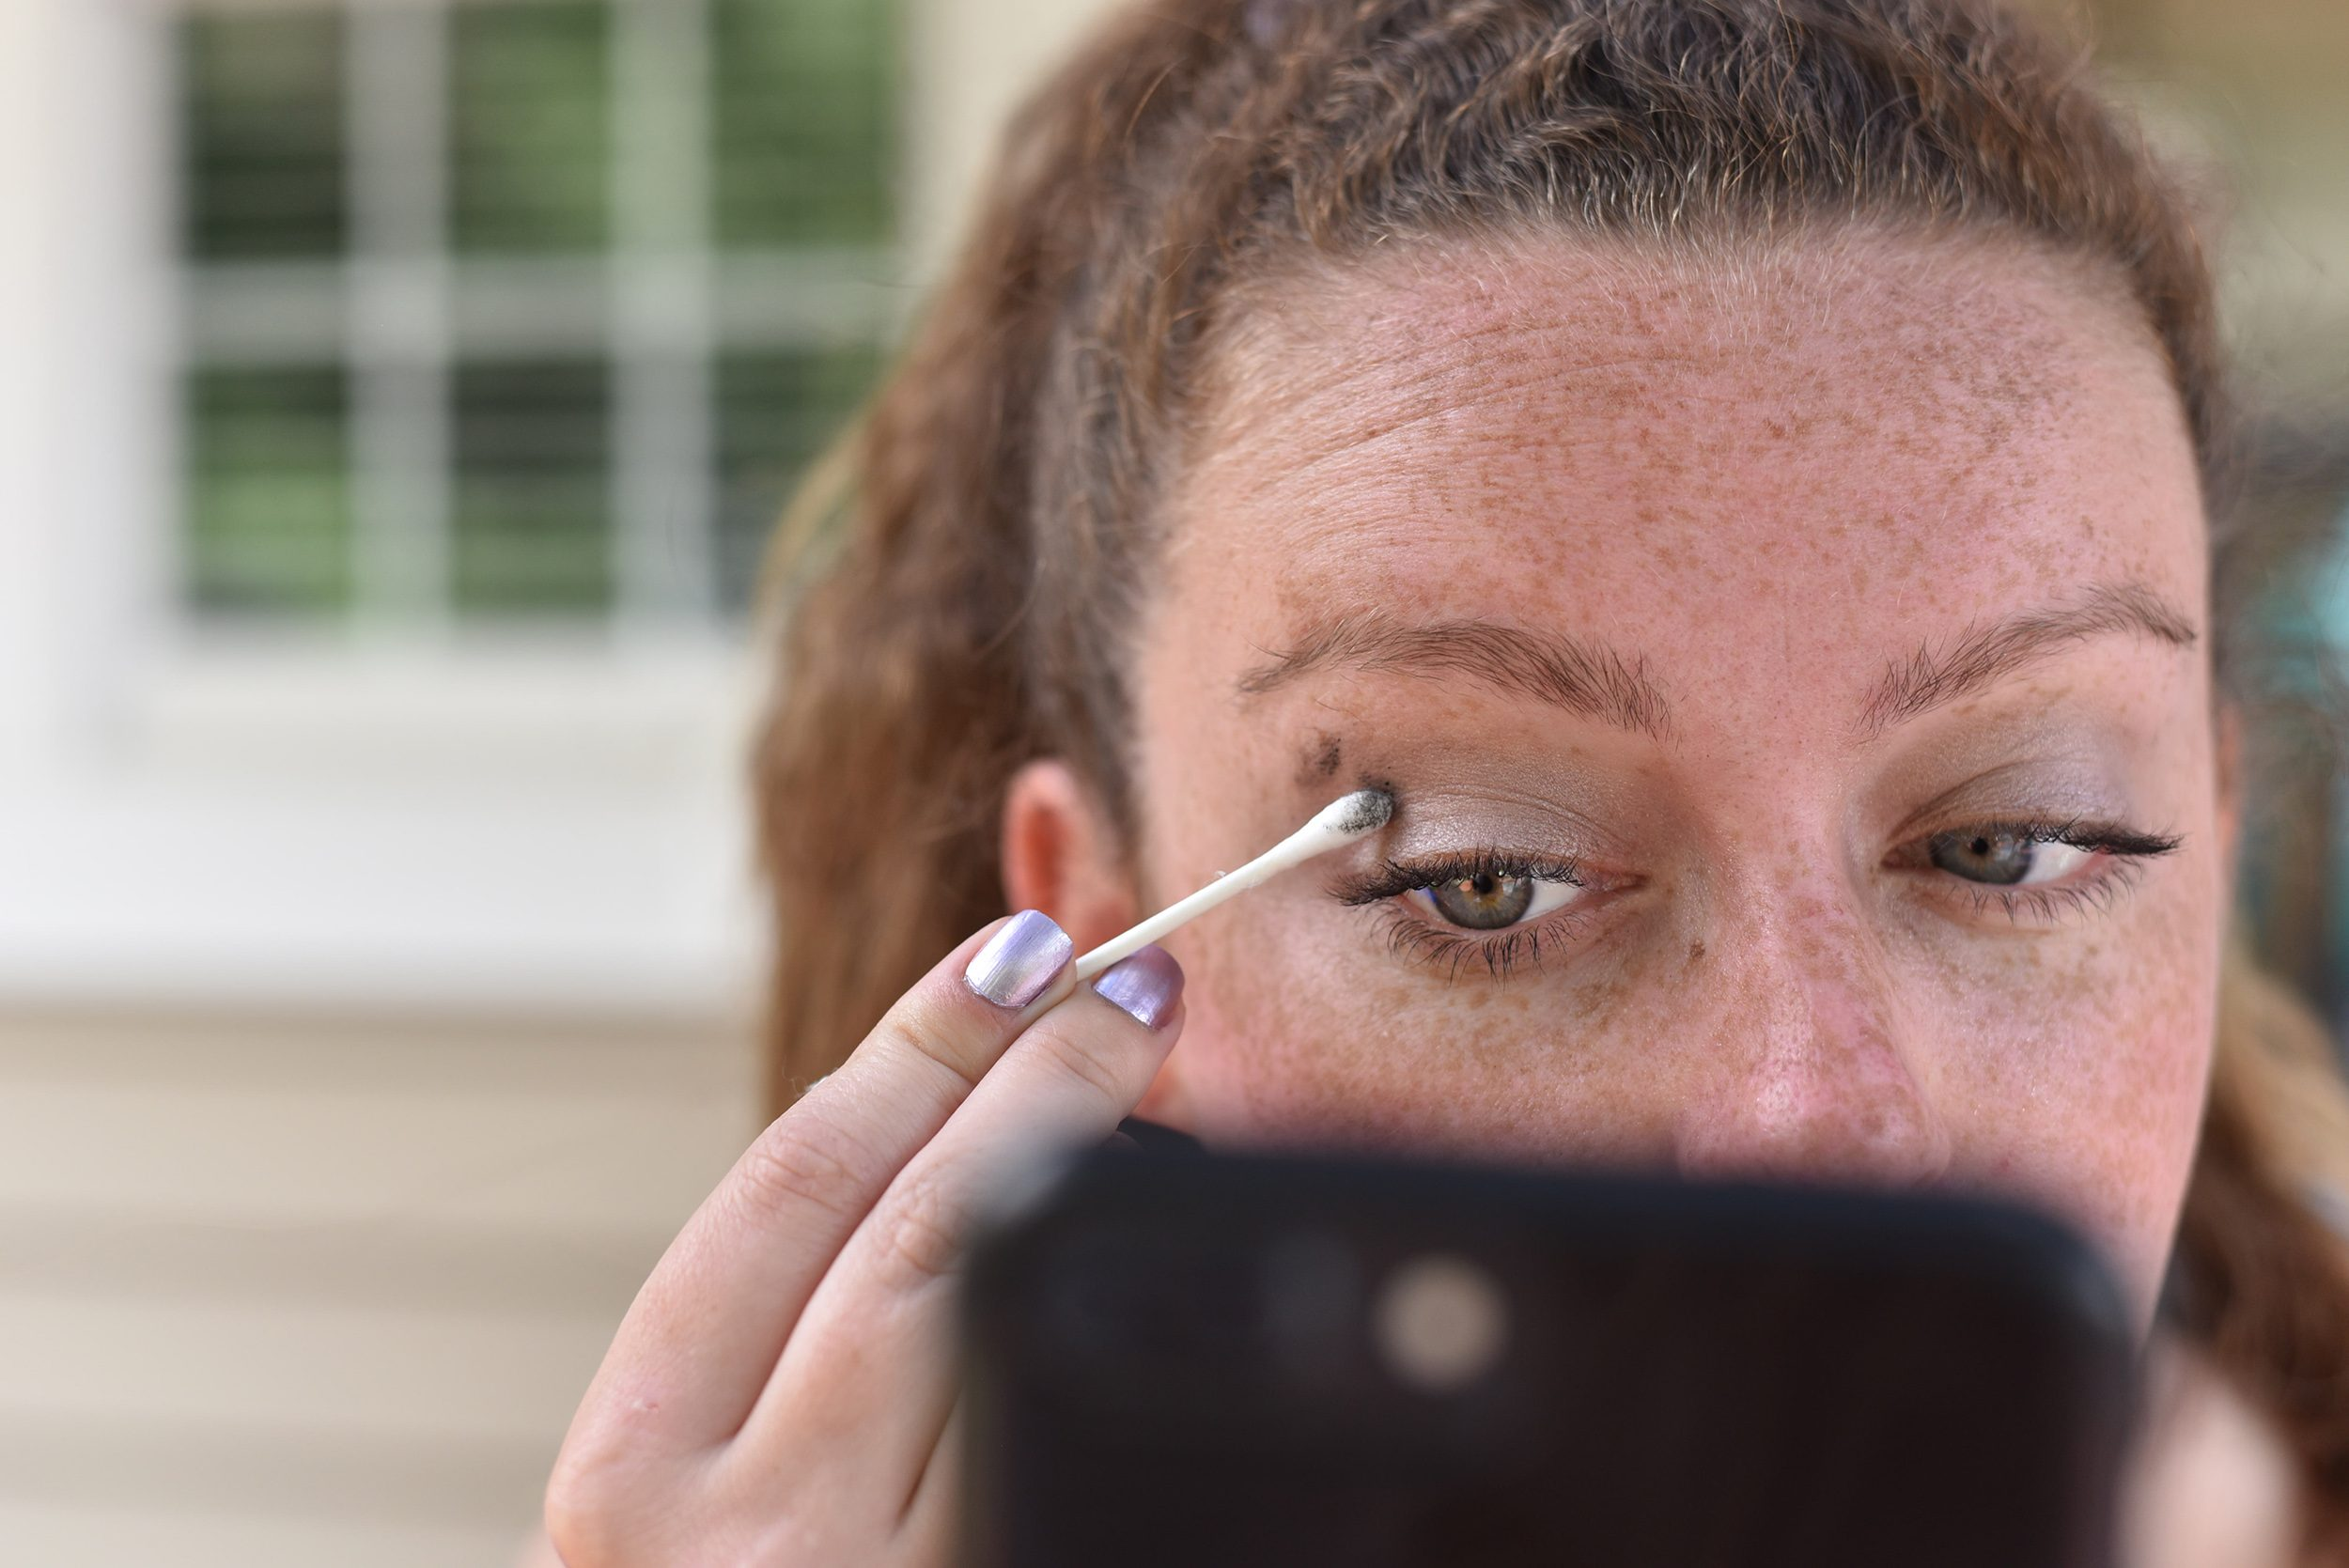 q-tip cotton swab makeup eyeshadow